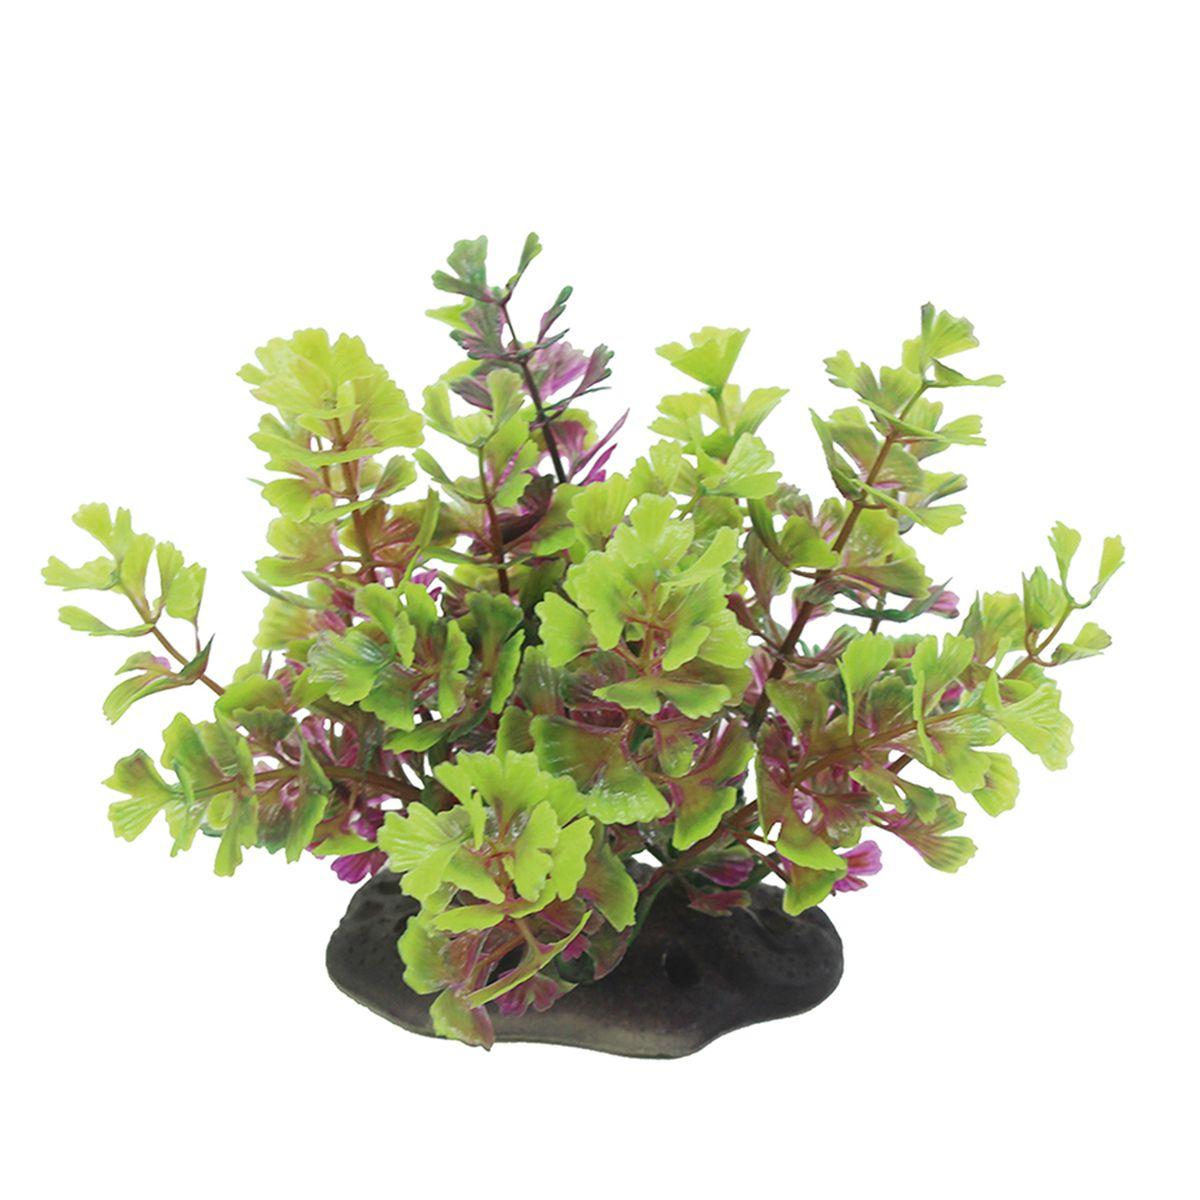 Растение для аквариума ArtUniq Кариота красно-зеленая, высота 10-12 смART-1192108Растение для аквариума ArtUniq Кариота красно-зеленая, высота 10-12 см